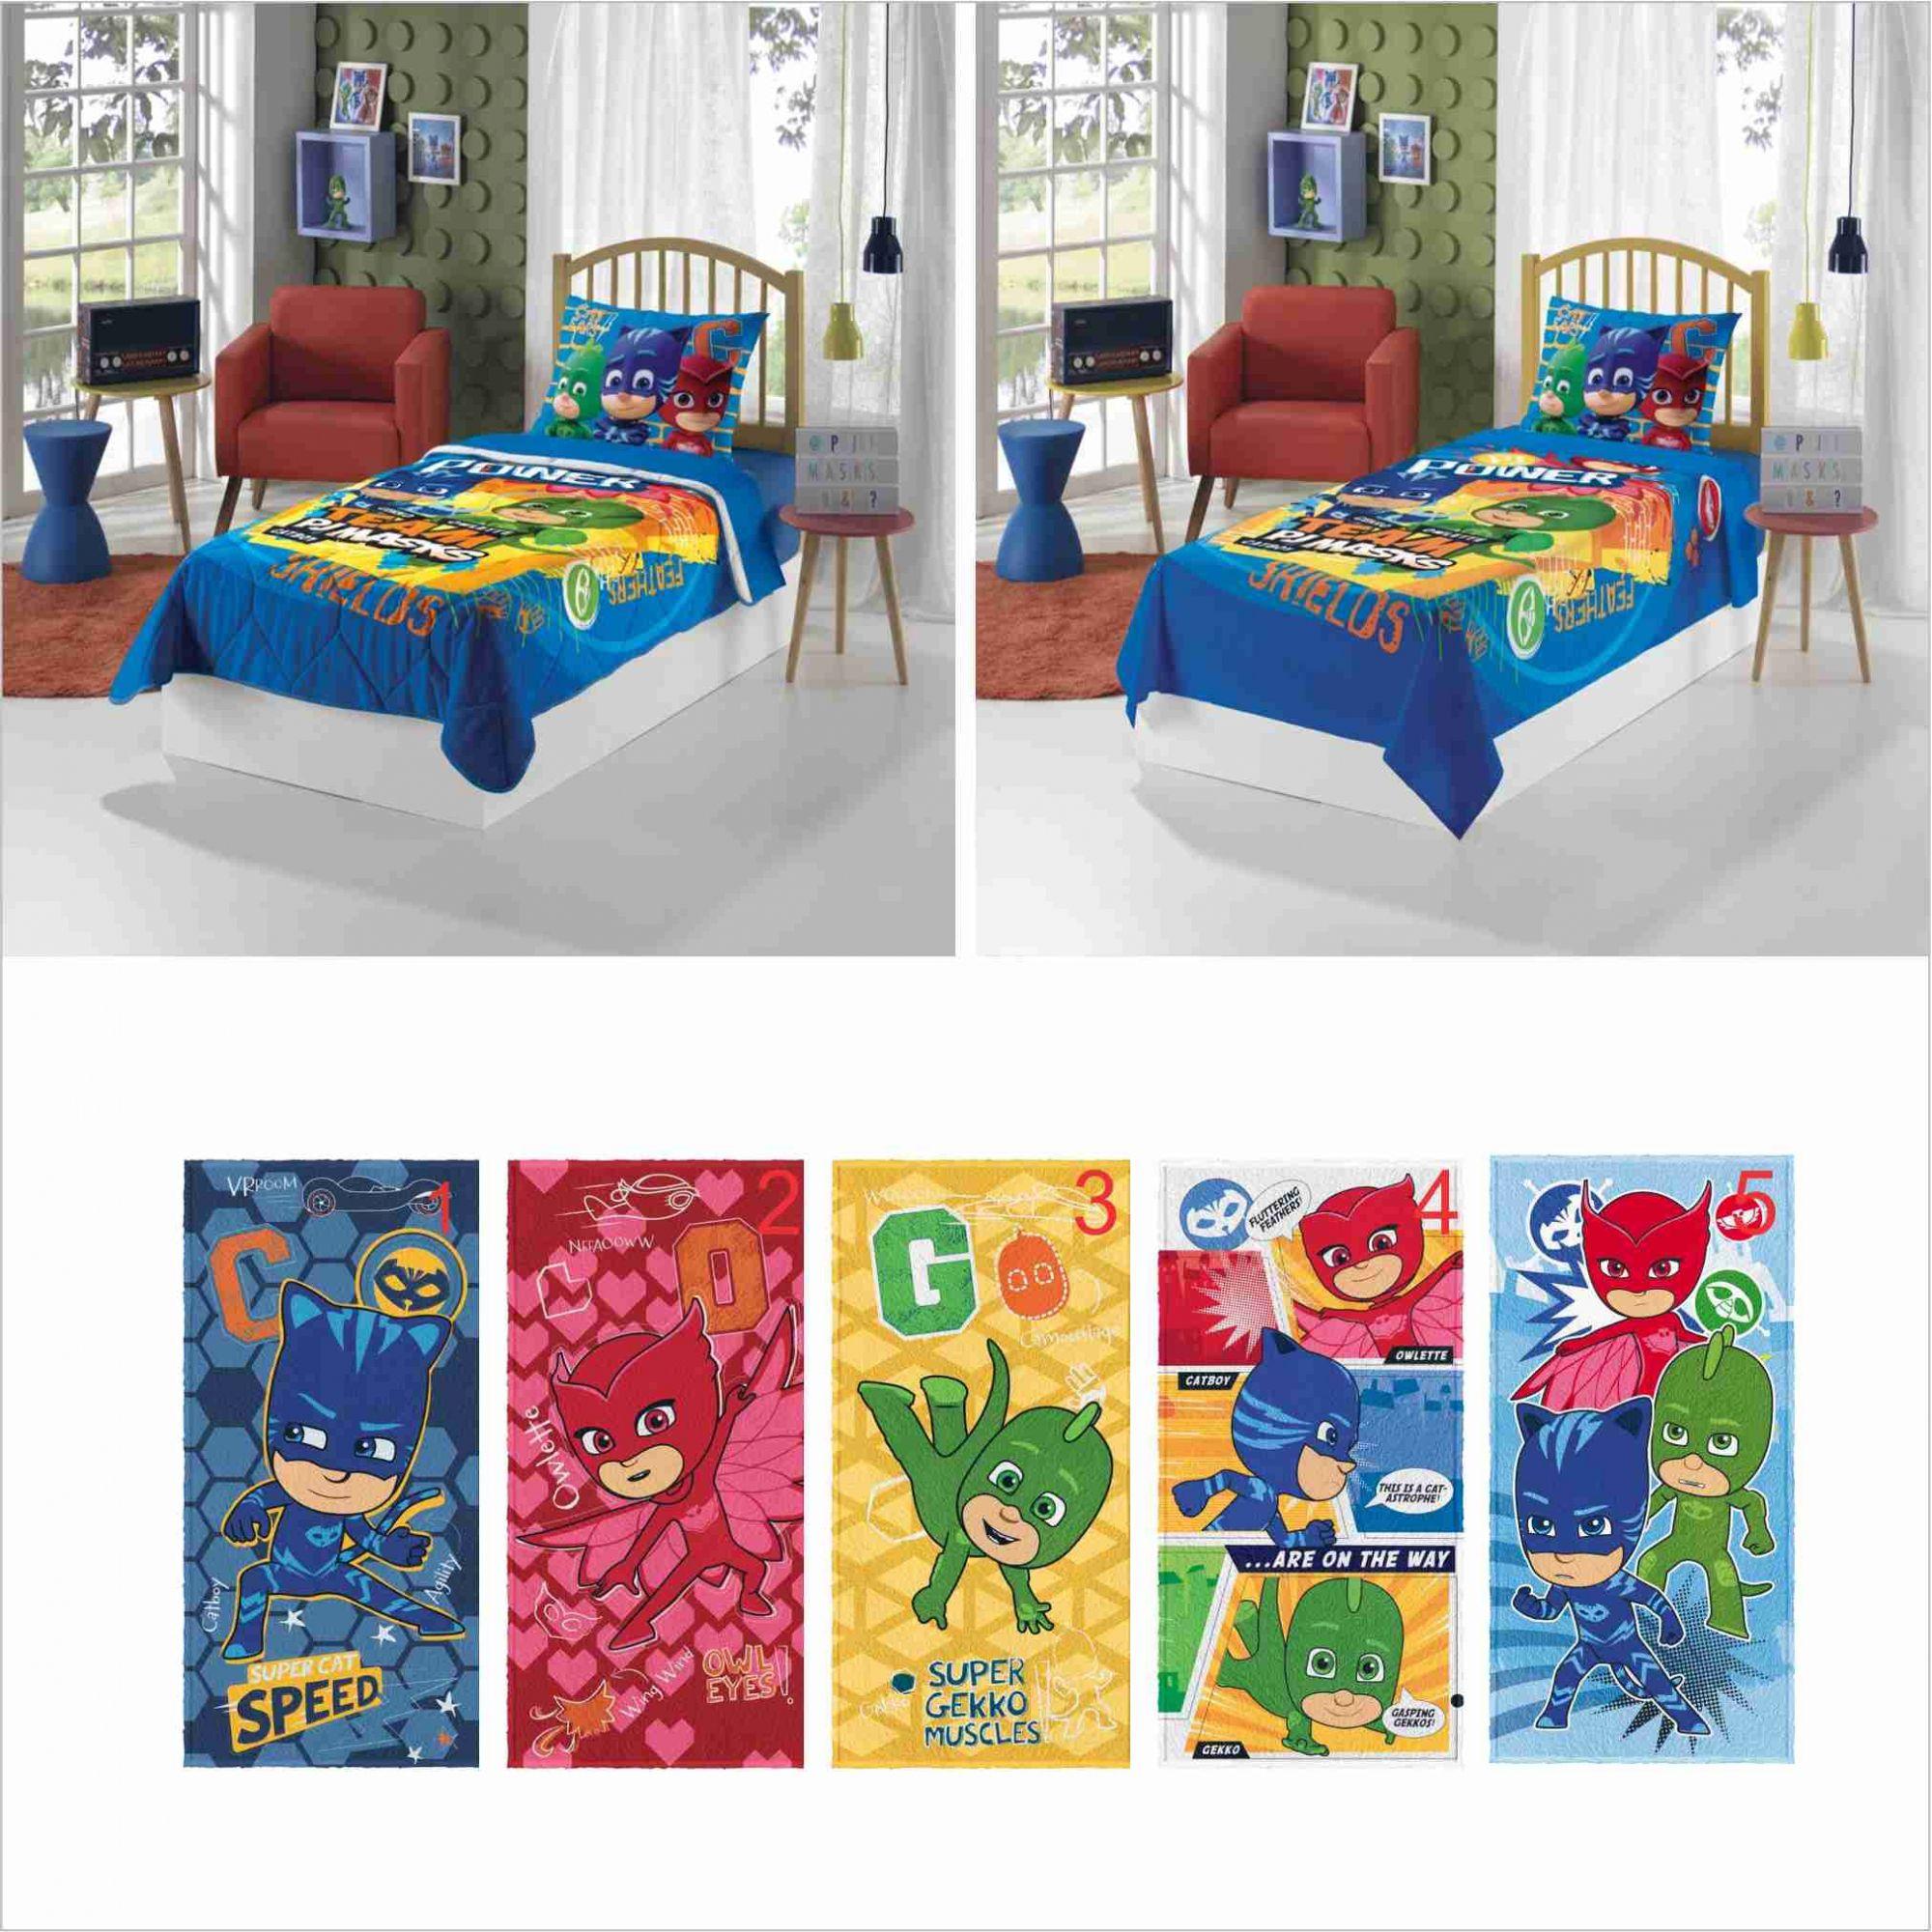 93d3c974f1 Edredom+ Jogo Cama Lençol 3 Pçs+ Toalha PJ Masks Lepper - PEQUENININHOS.COM